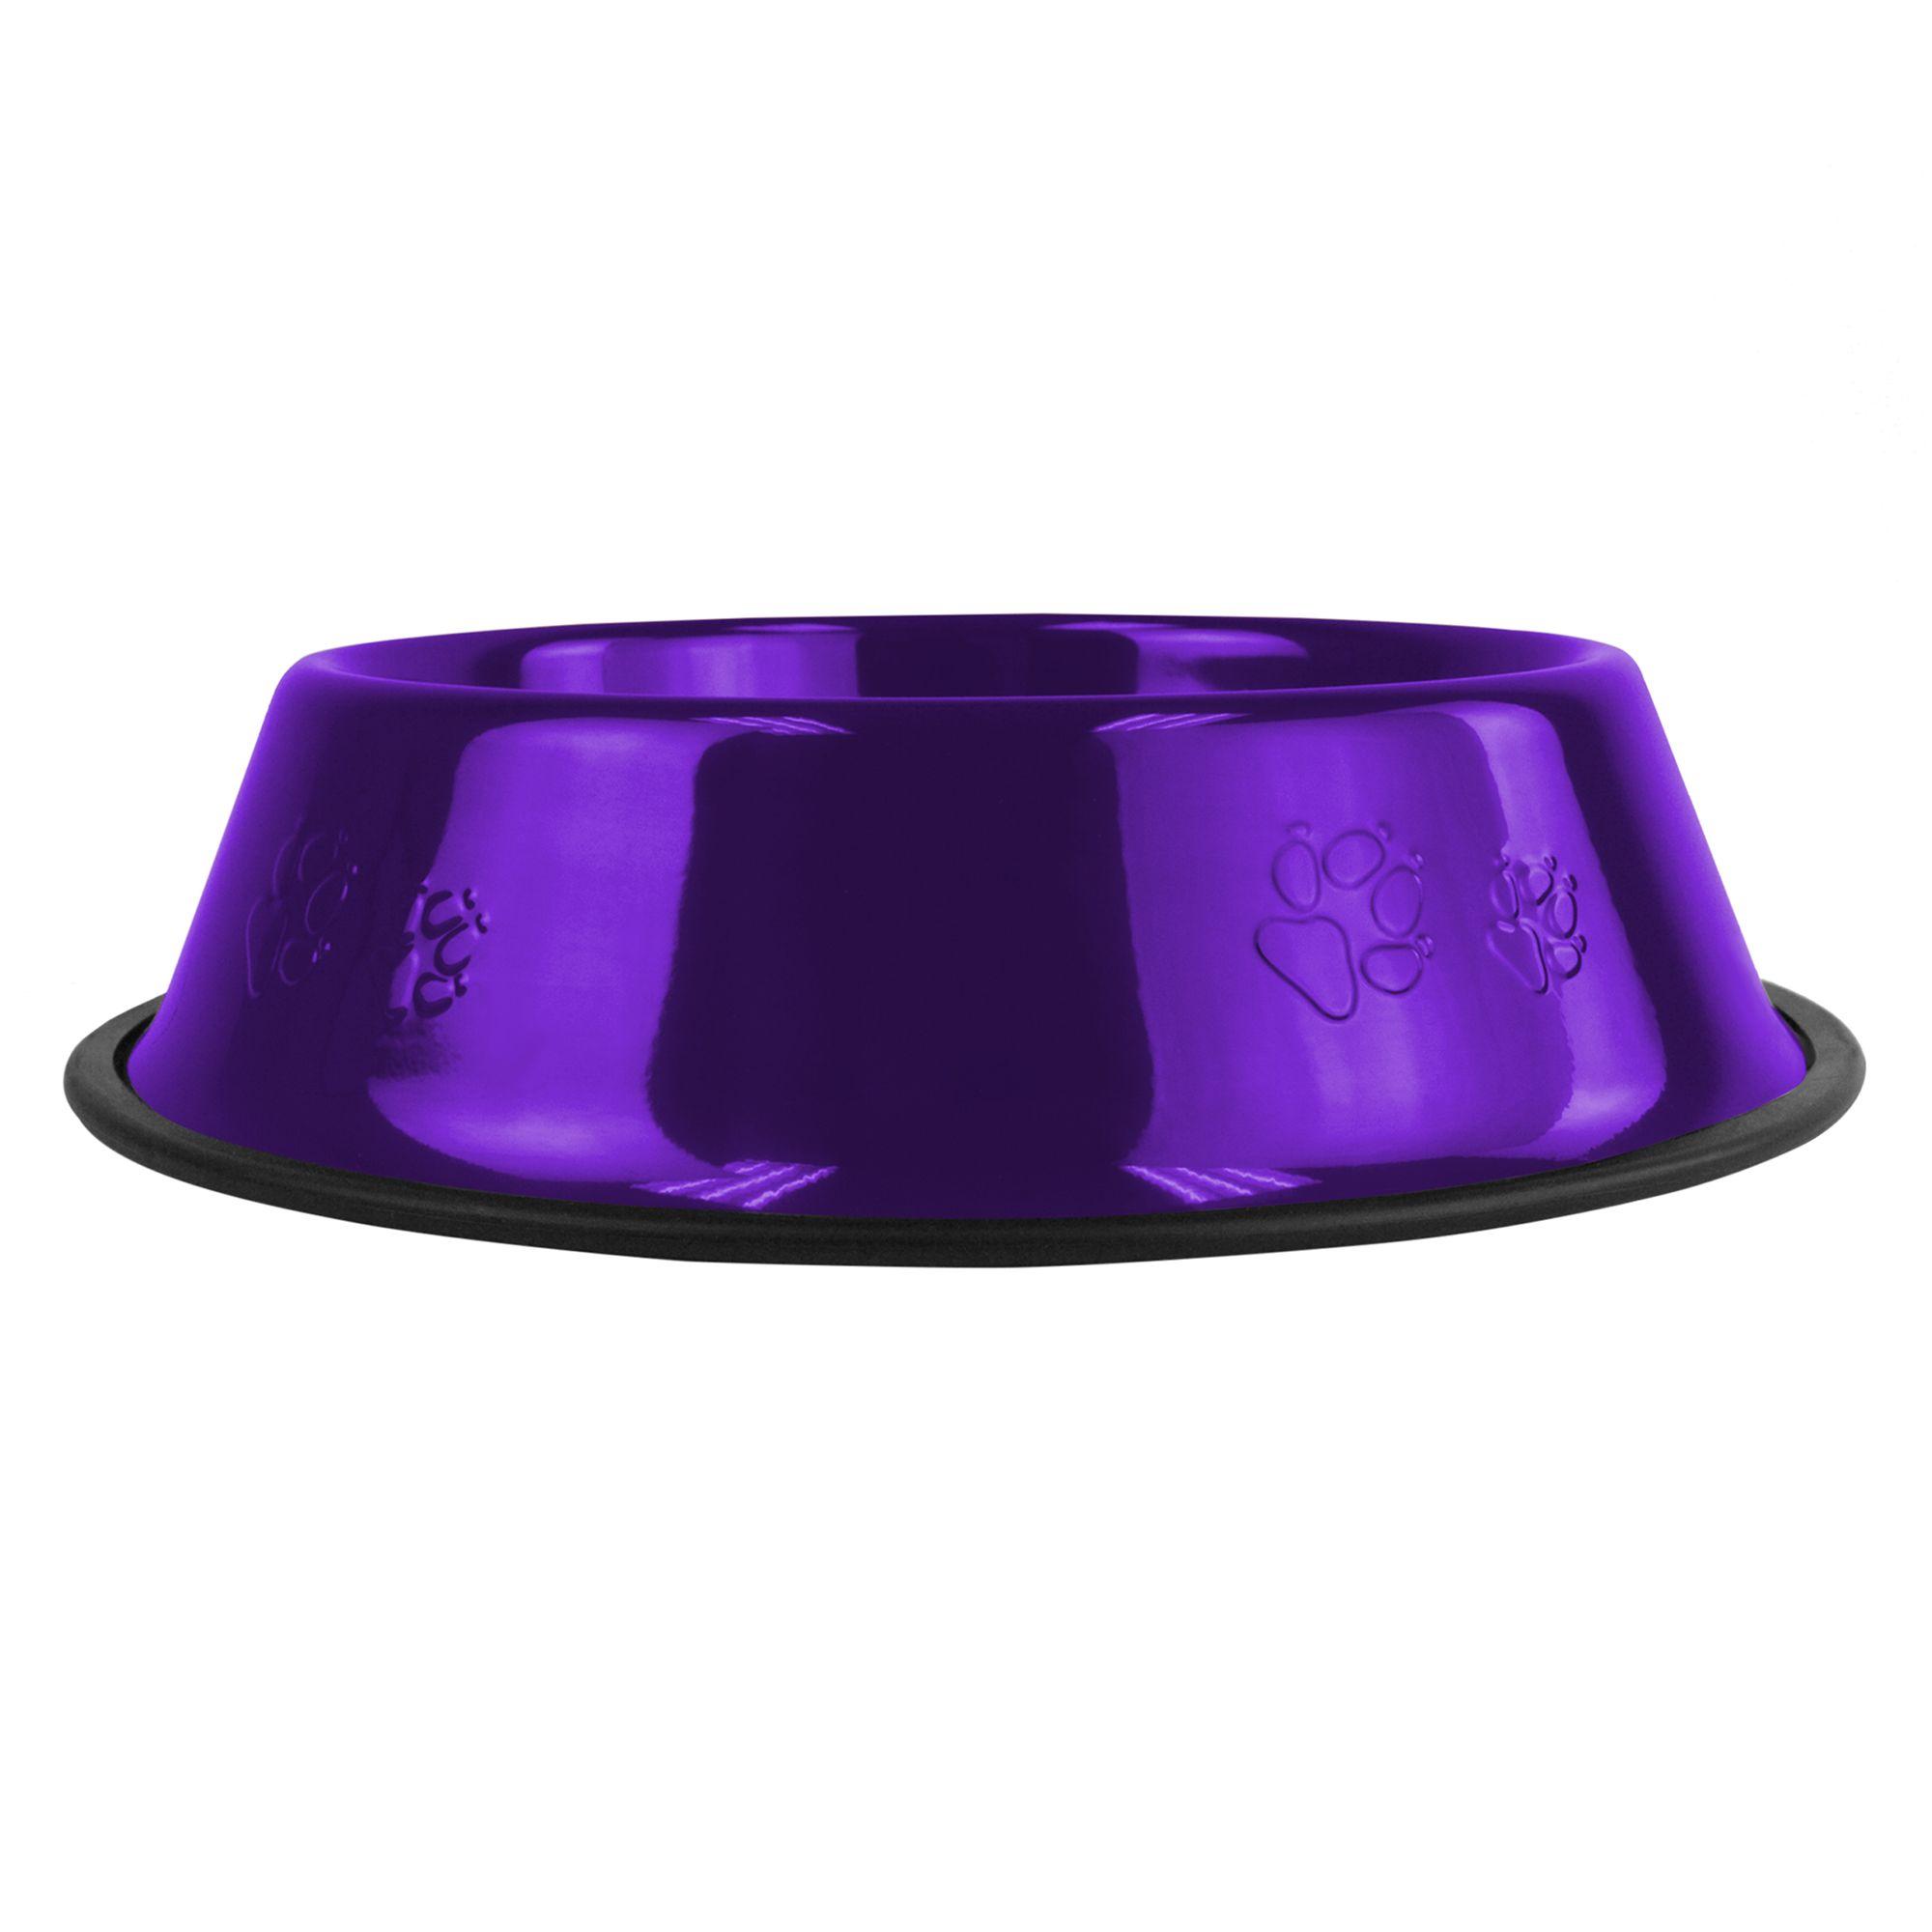 Platinum Pets Non-Tip Dog Bowl size: 80 Oz, Electric Purple 5179280